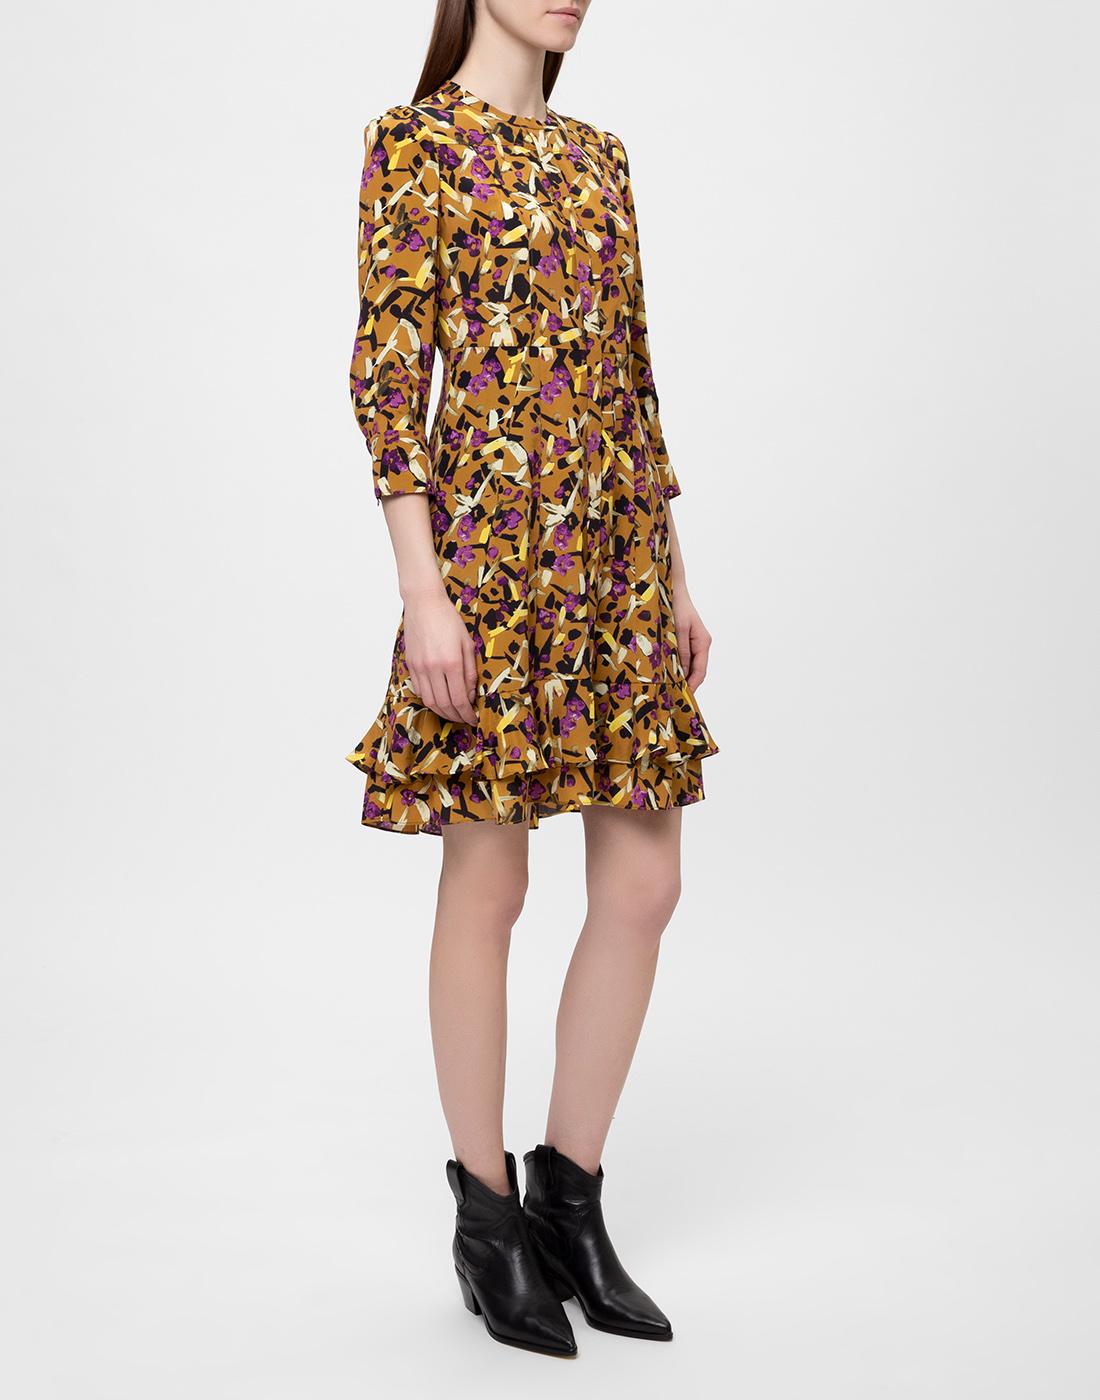 Женское платье-рубашка  Dorothee Schumacher S649713/072-3